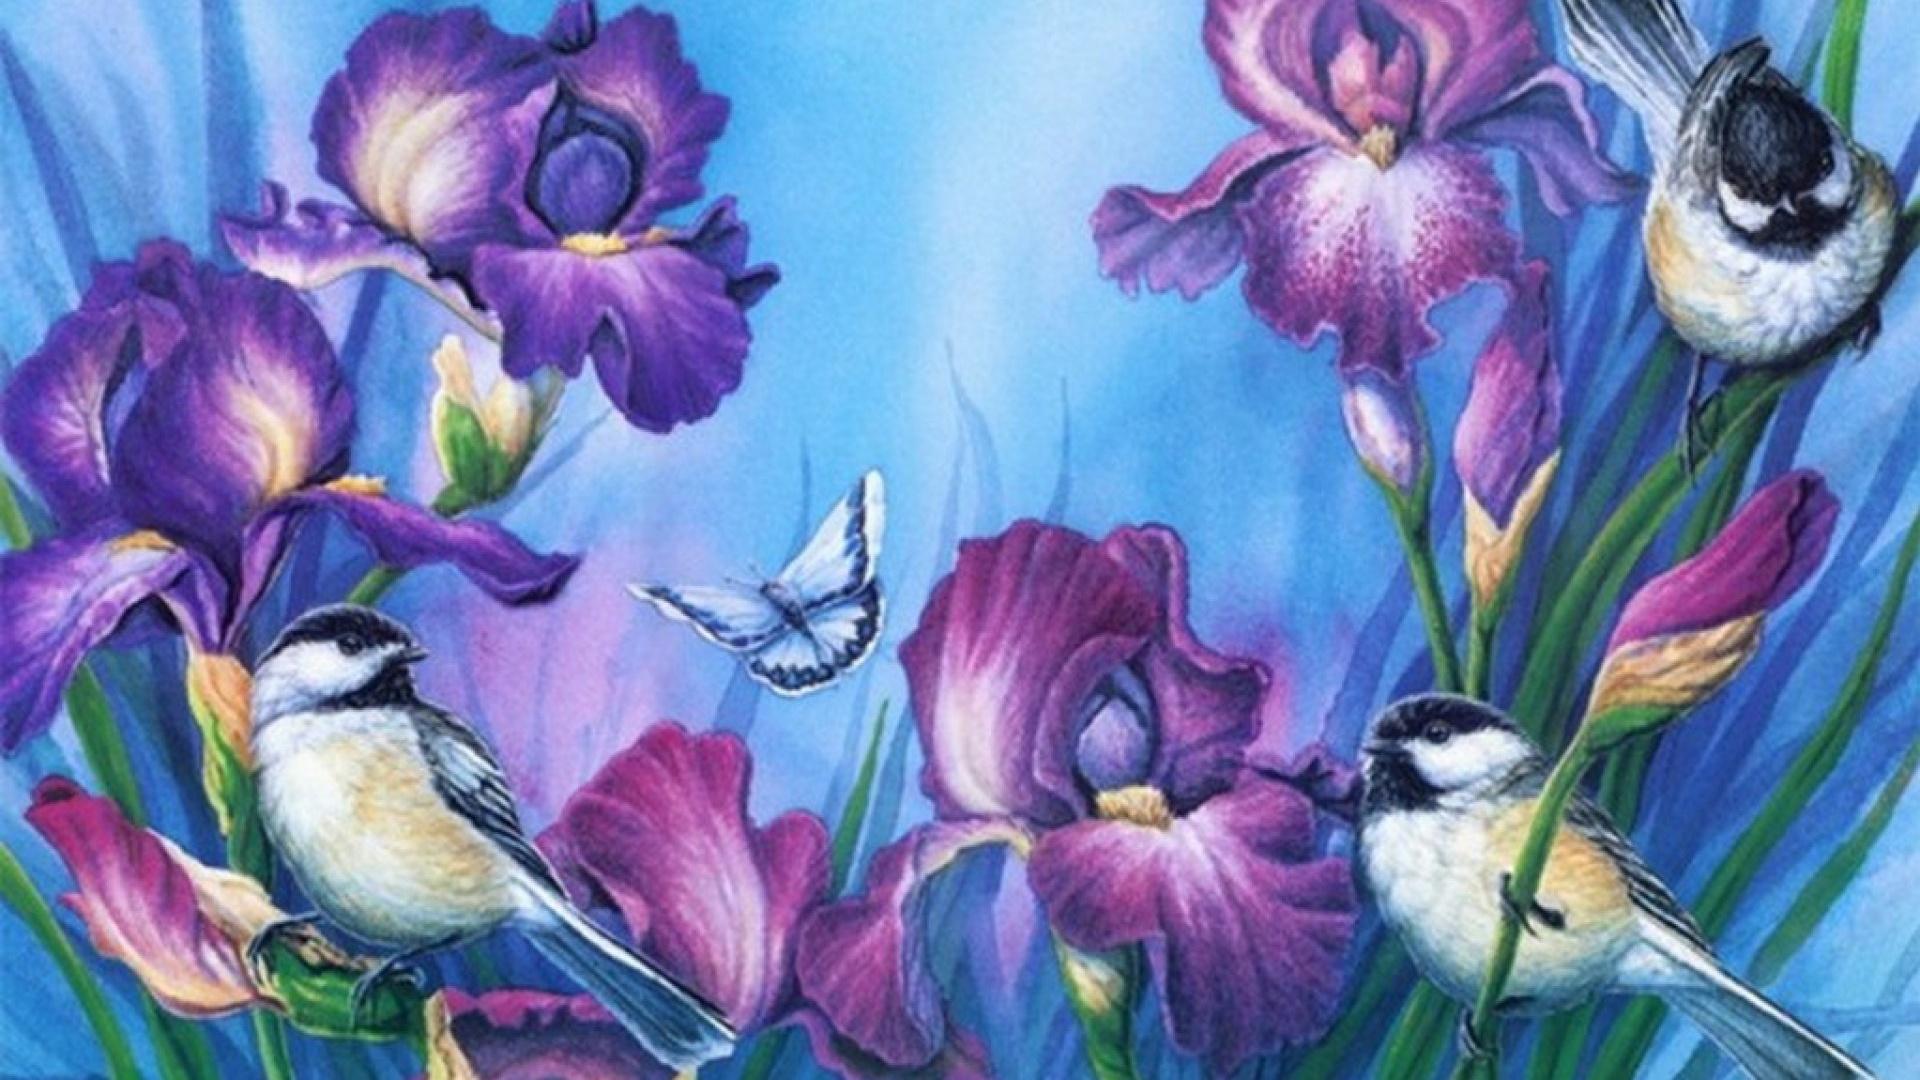 Птички картинки красивые обои на телефон художников, анимационные мая